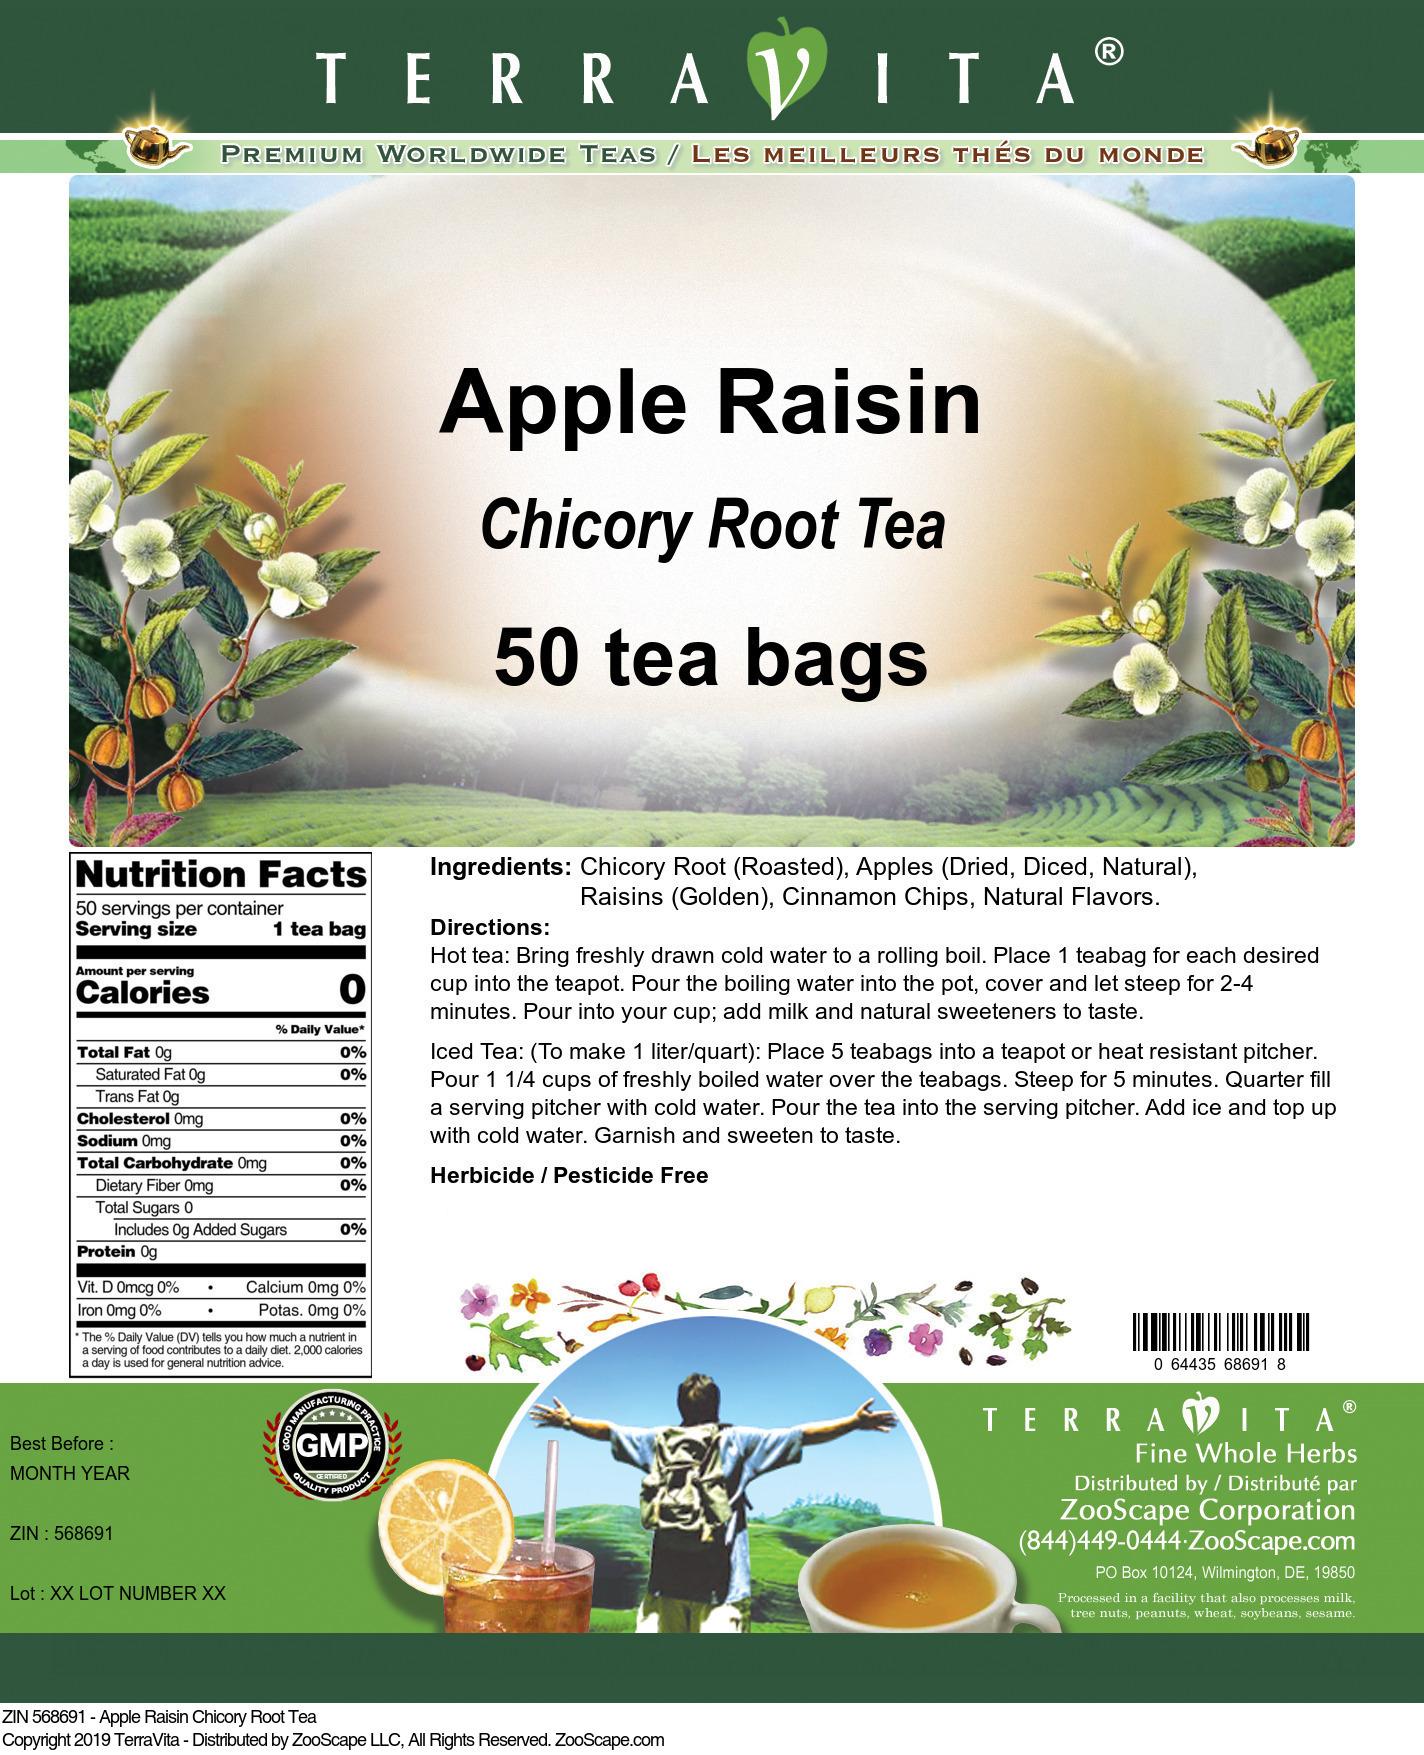 Apple Raisin Chicory Root Tea